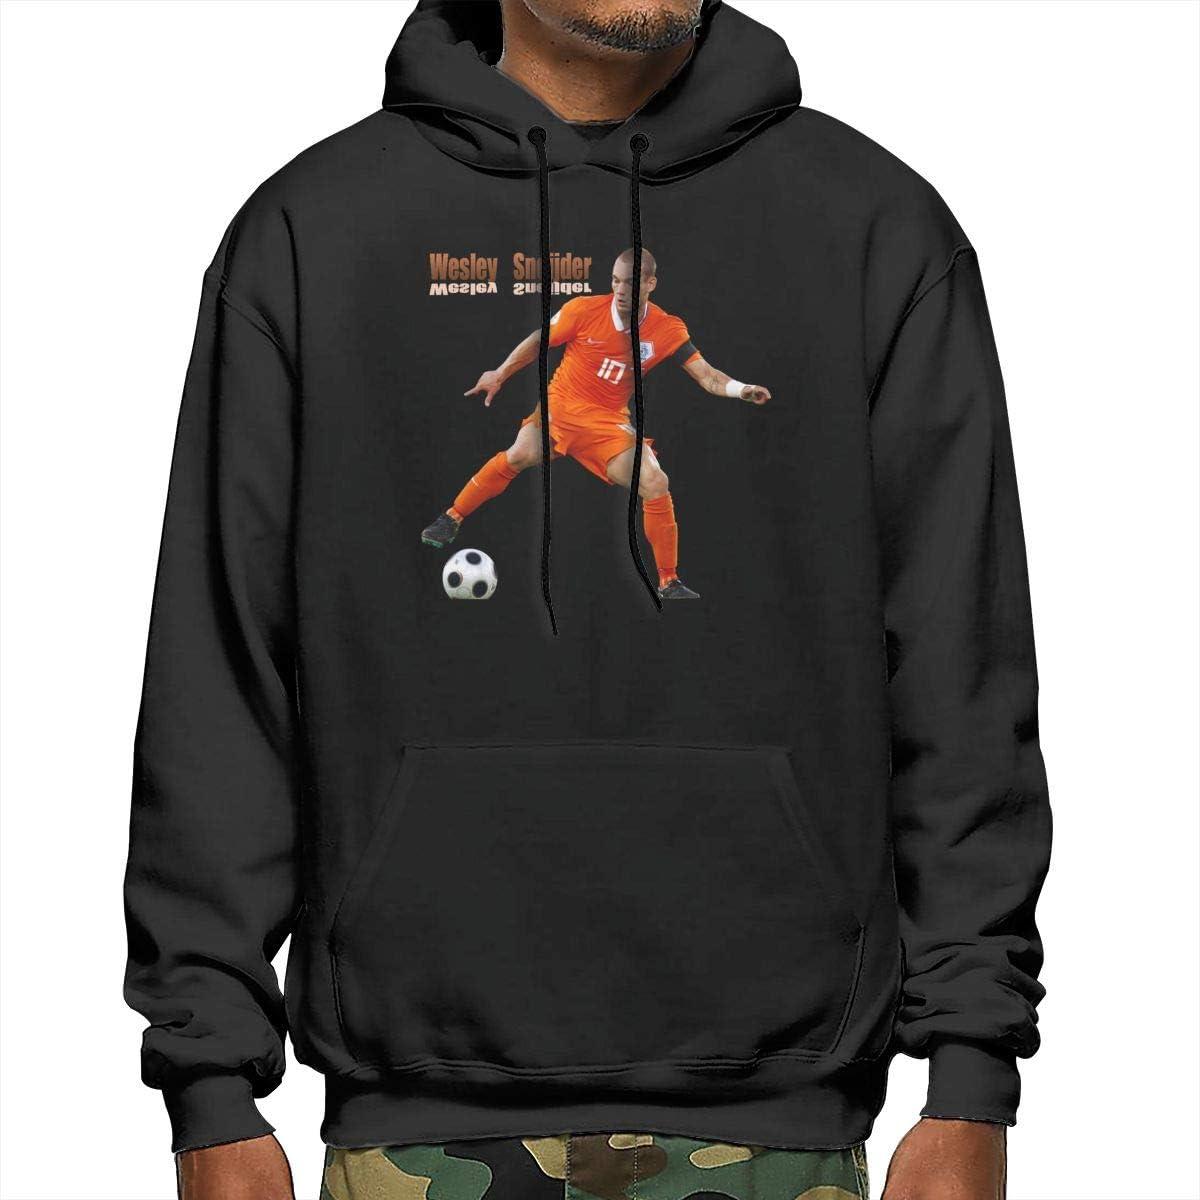 EVE JOHN Black Wesley Sneijder Hoodie Hood Cartoon Hoodies for Man